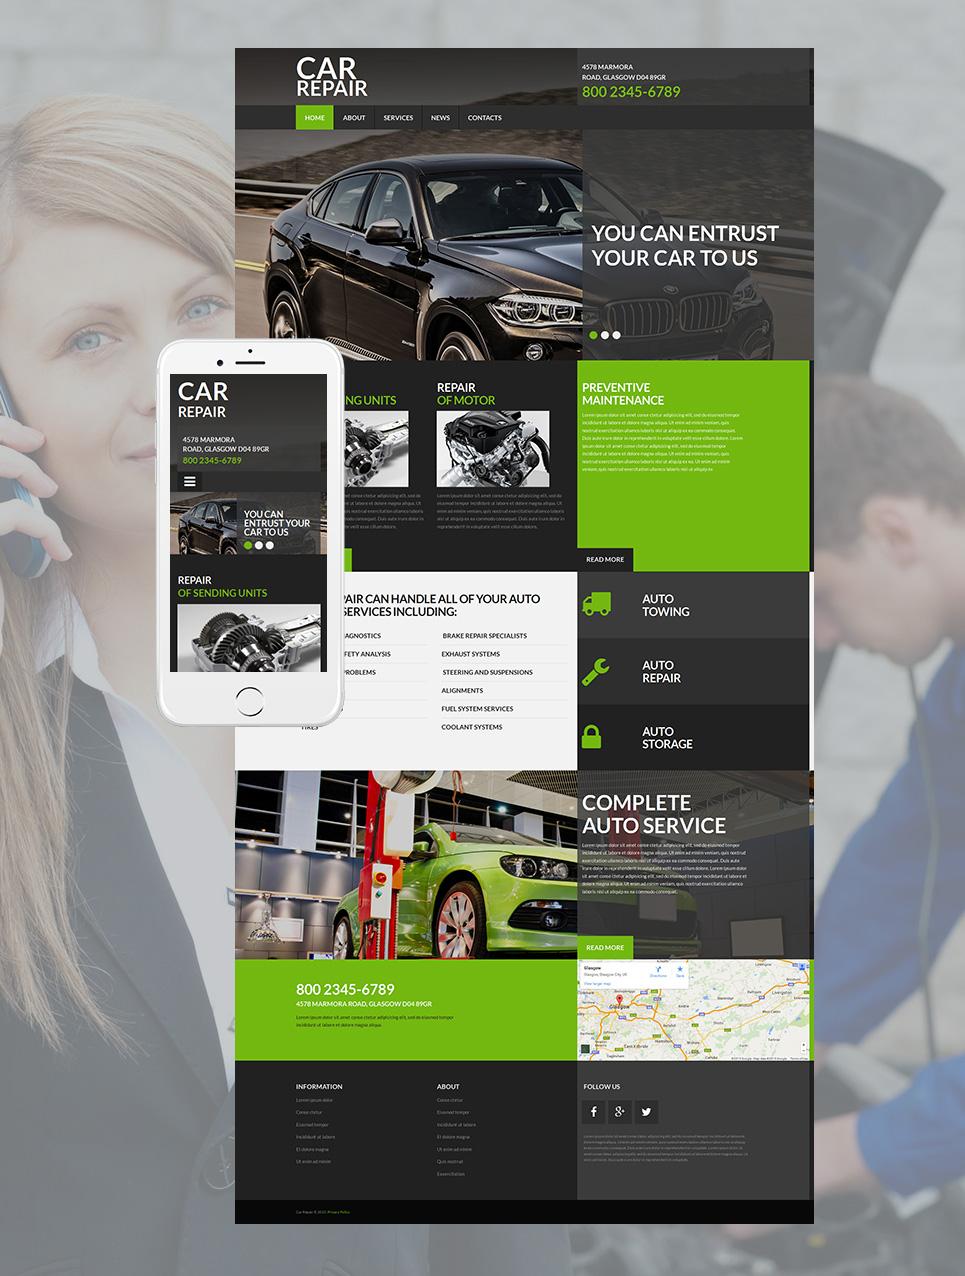 Modernes Design für eine Autowerkstatt - image